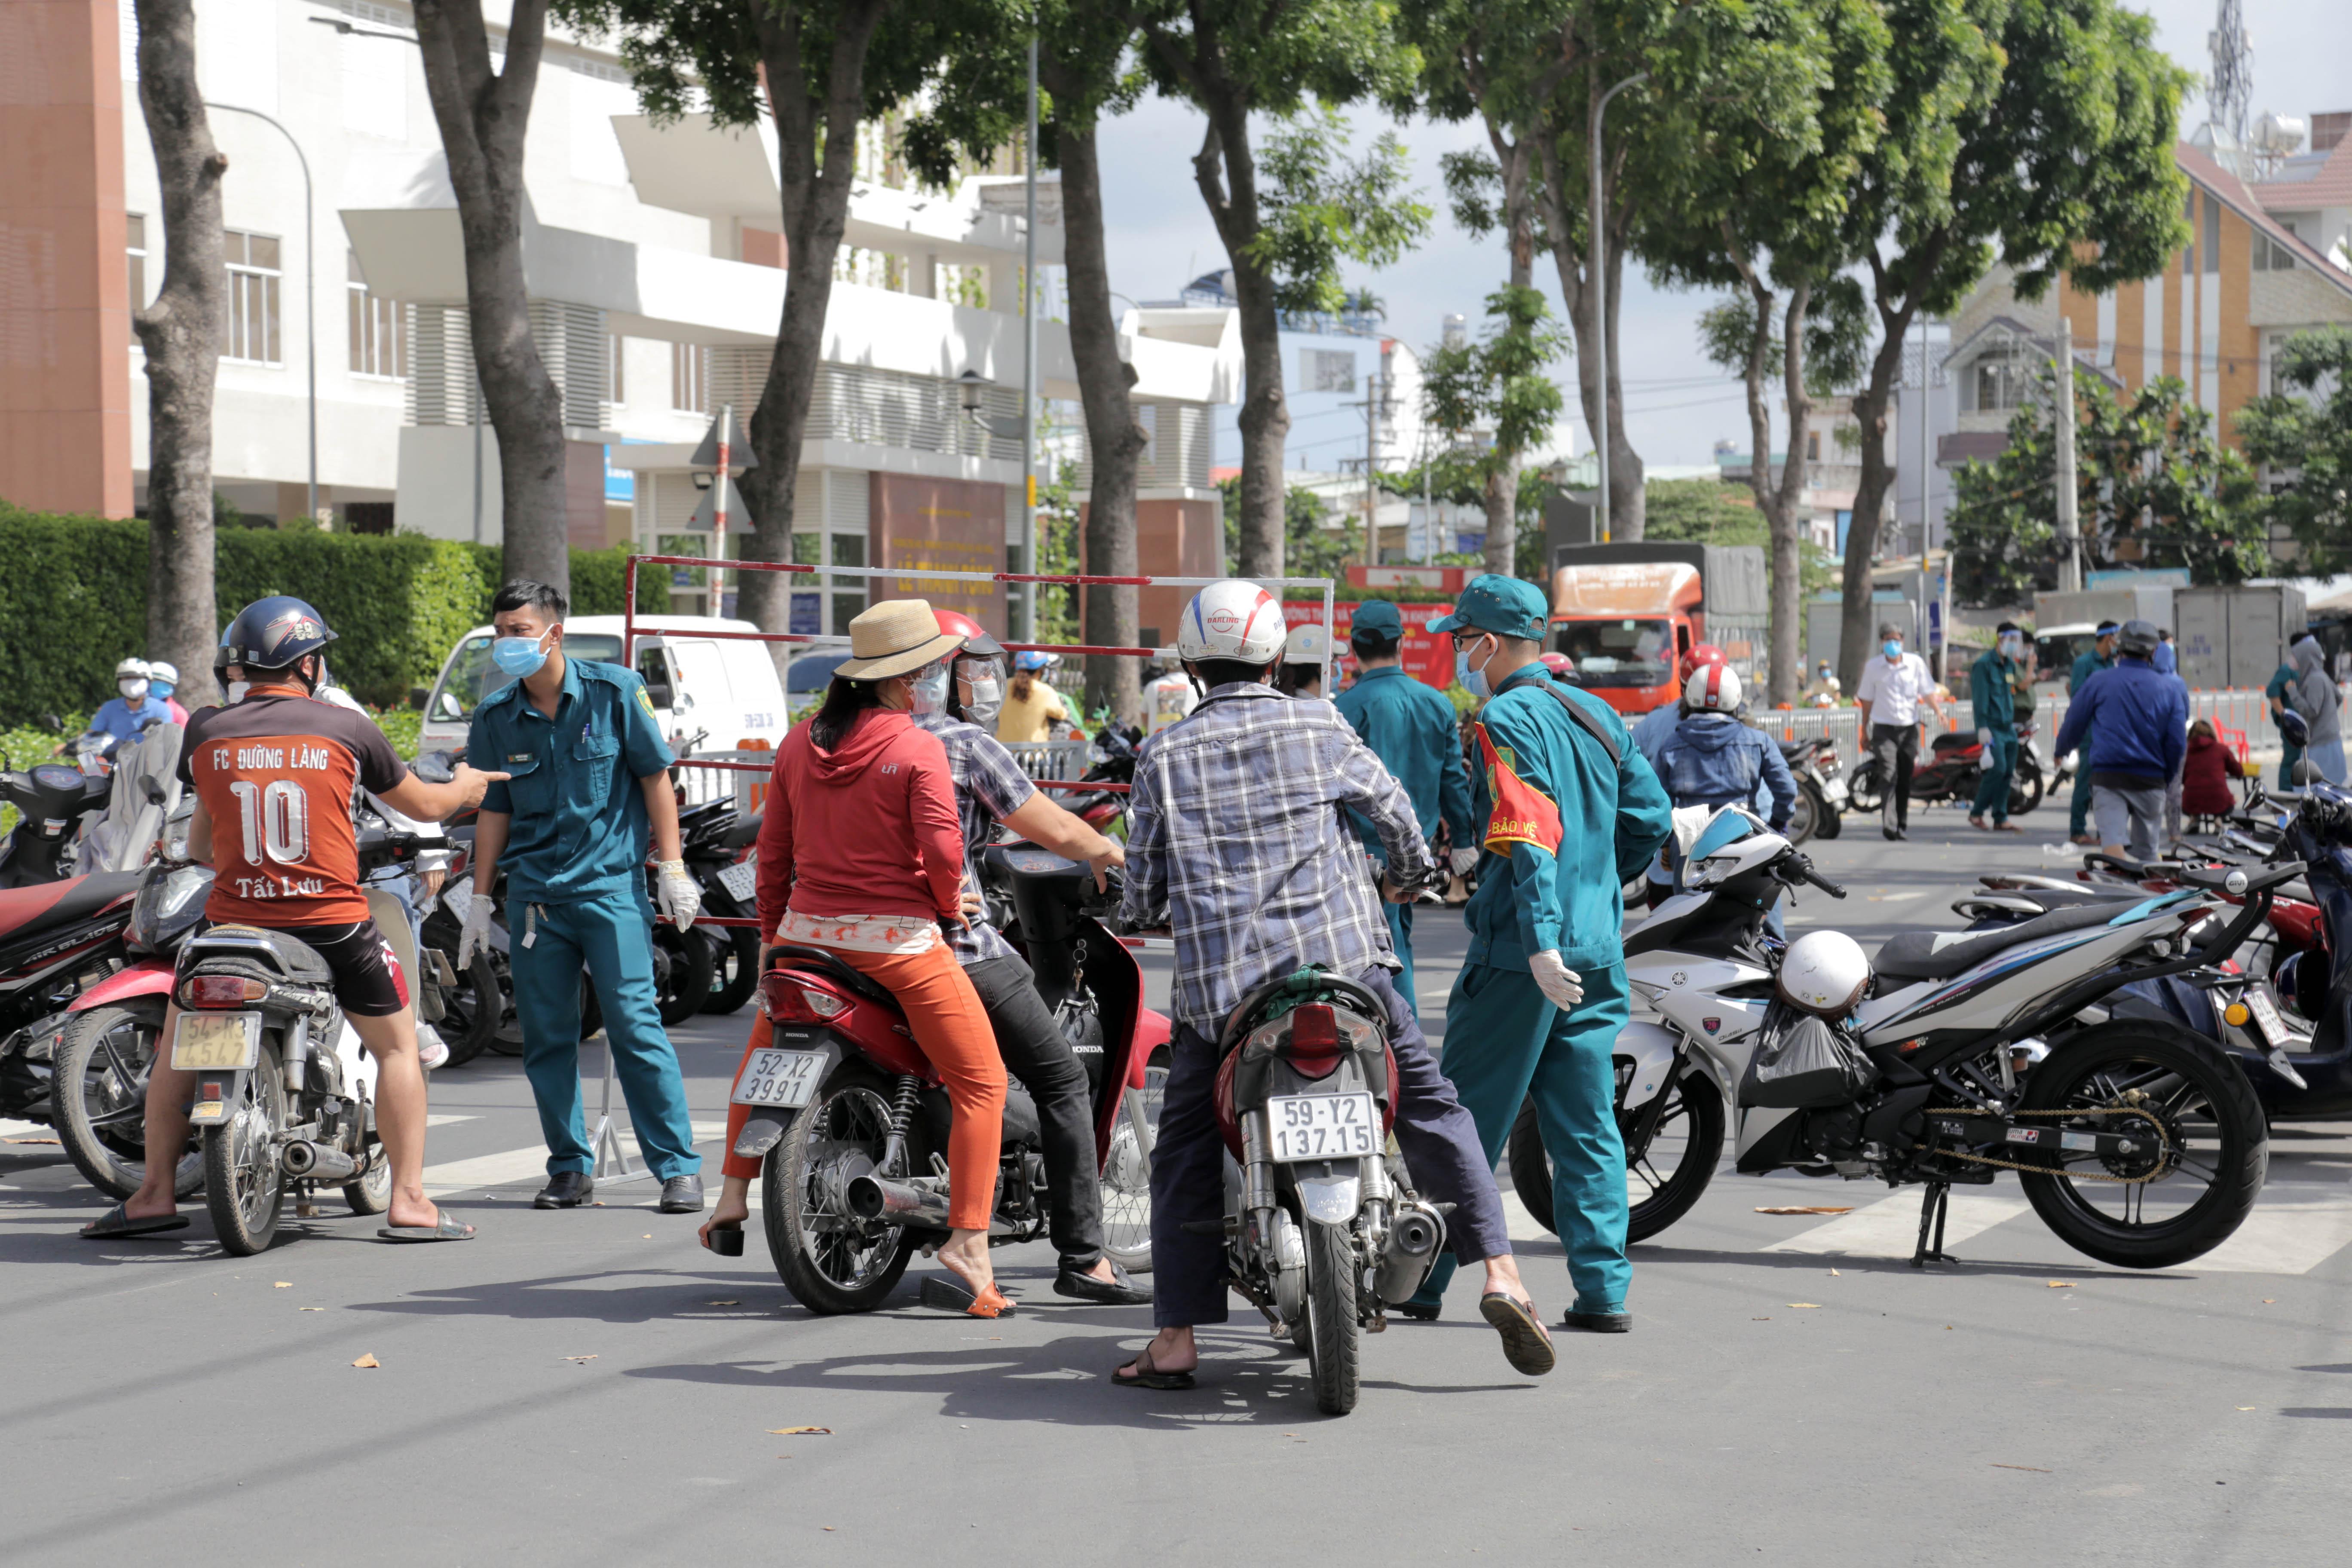 Ảnh: Phong tỏa mọi ngóc ngách, xét nghiệm hàng trăm người tại chợ ở Tân Phú vì dịch COVID-19 phức tạp - 9